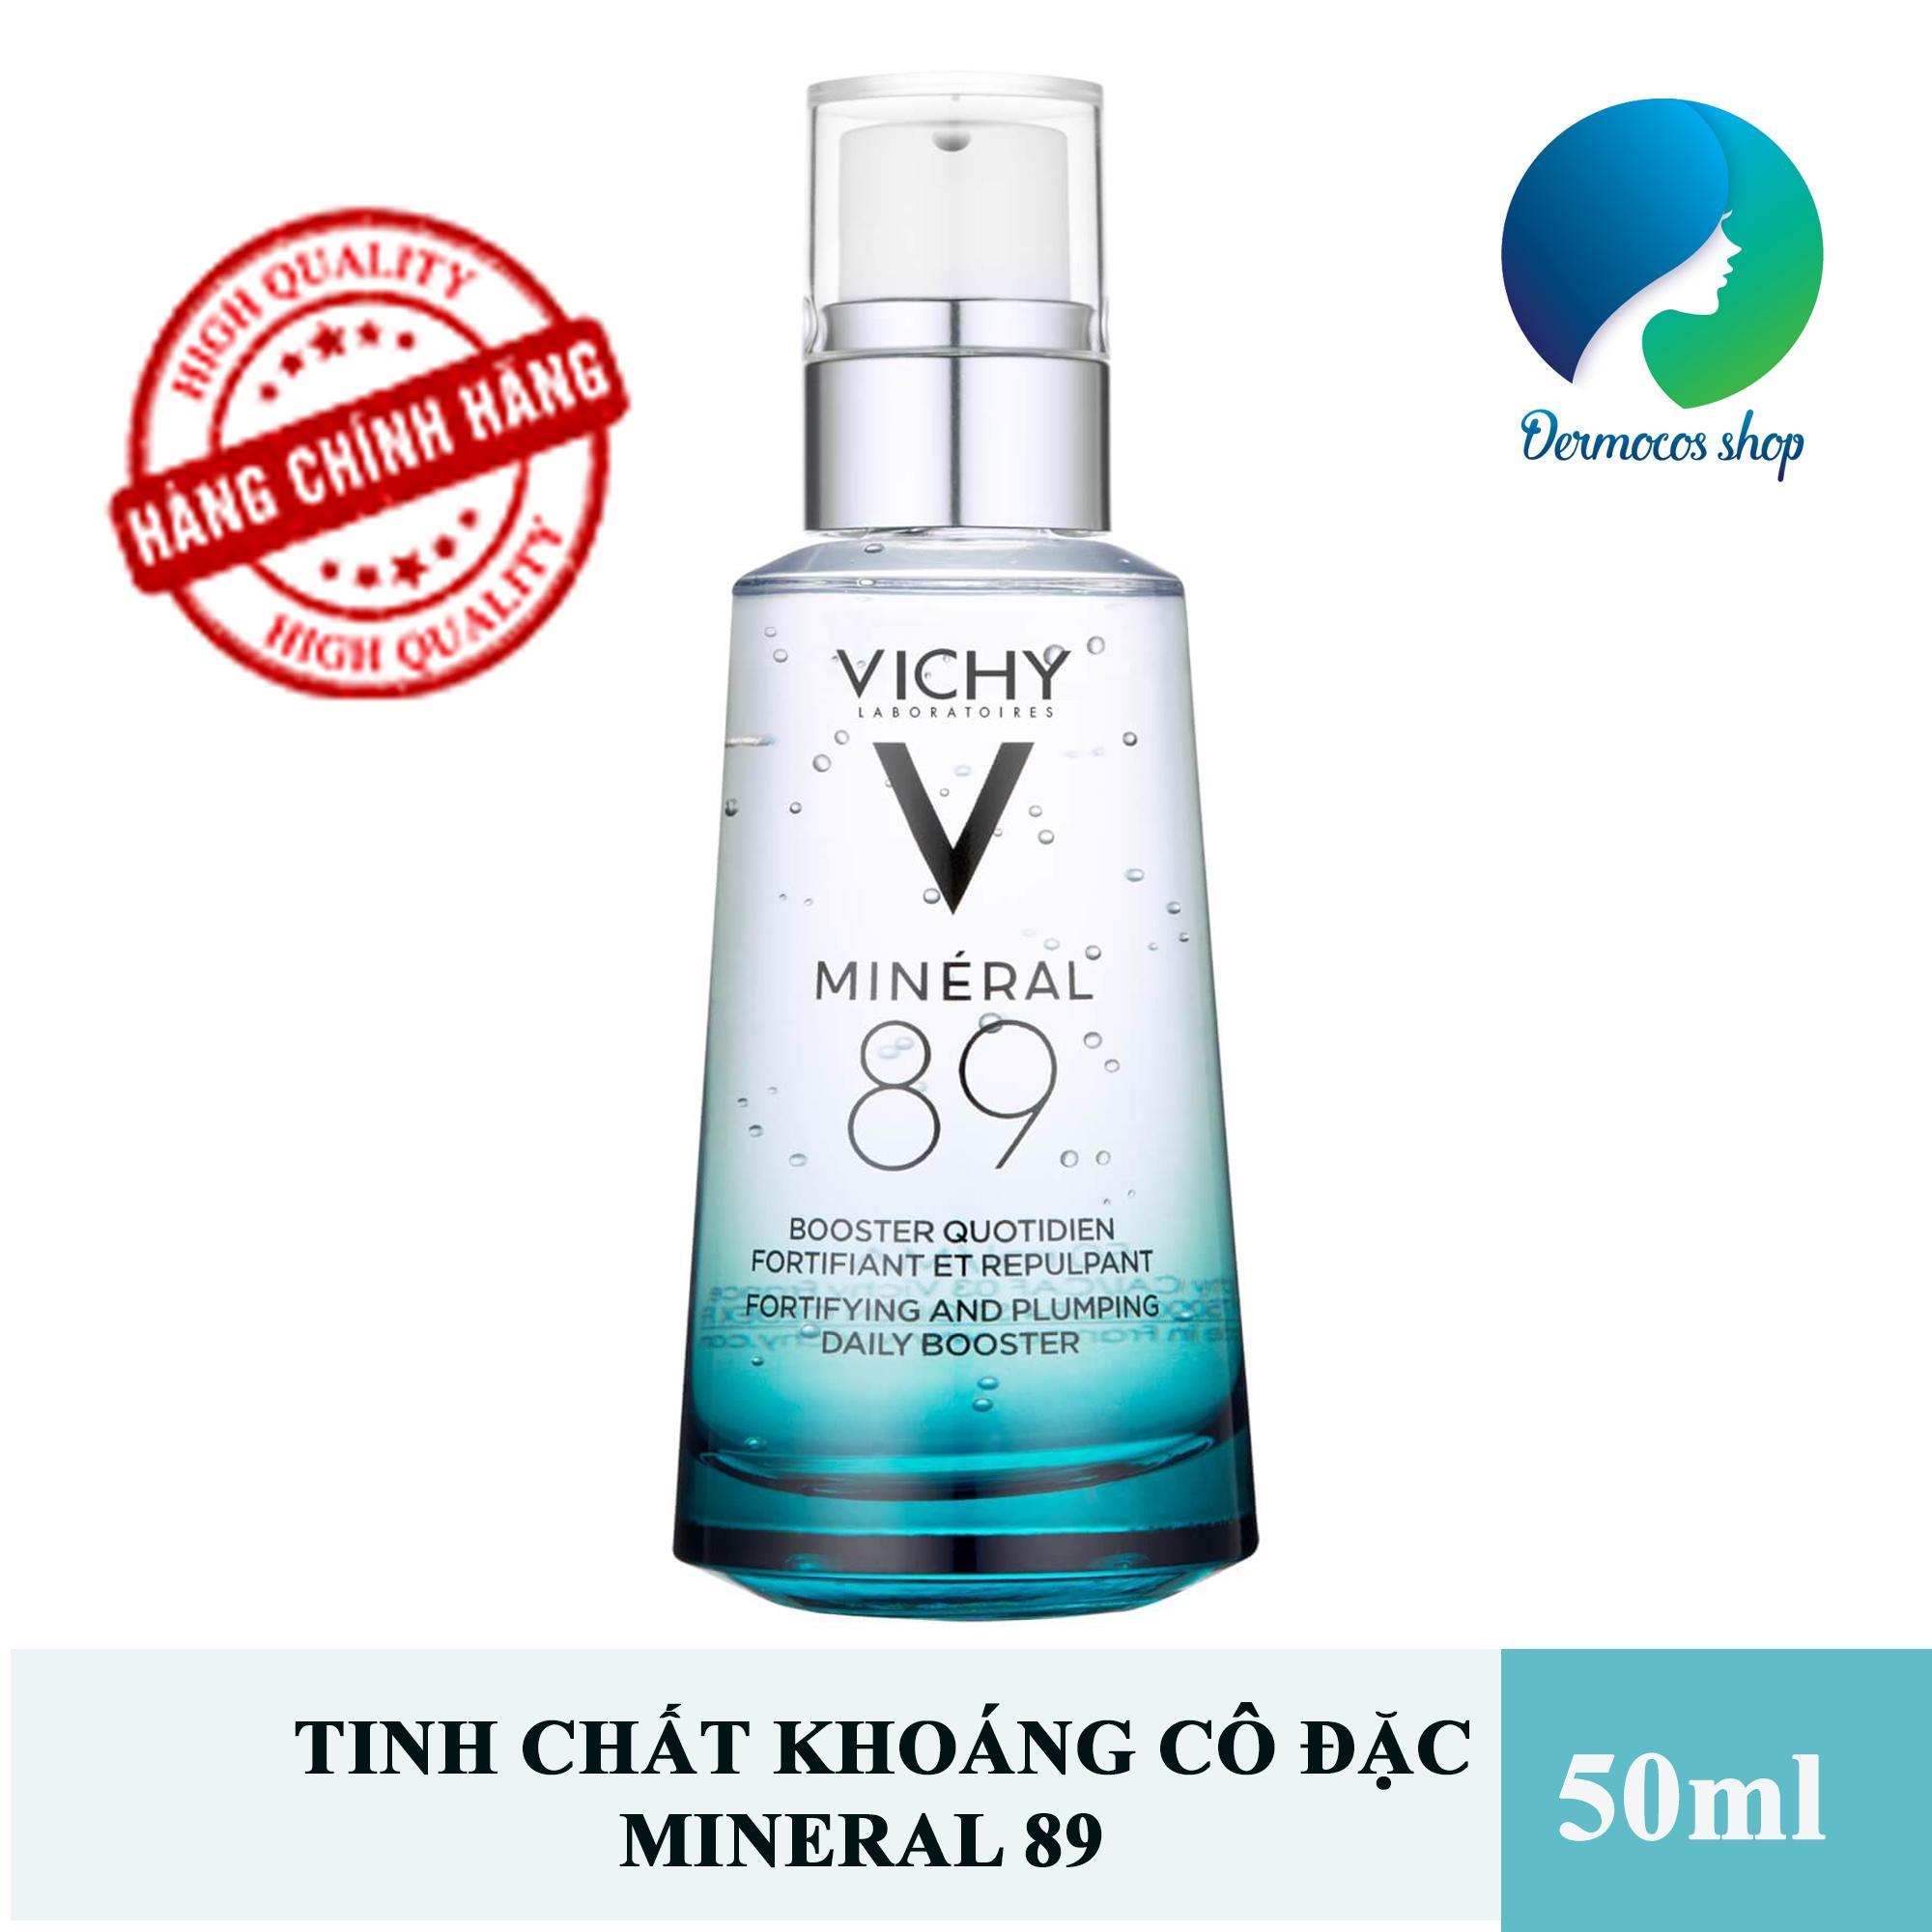 Dưỡng Chất ( Serum) Giàu Khoáng Chất Vichy Mineral 89 Giúp Da Sáng Mịn Và Căng Mượt 50ml - DMCMP089 Siêu Giảm Giá